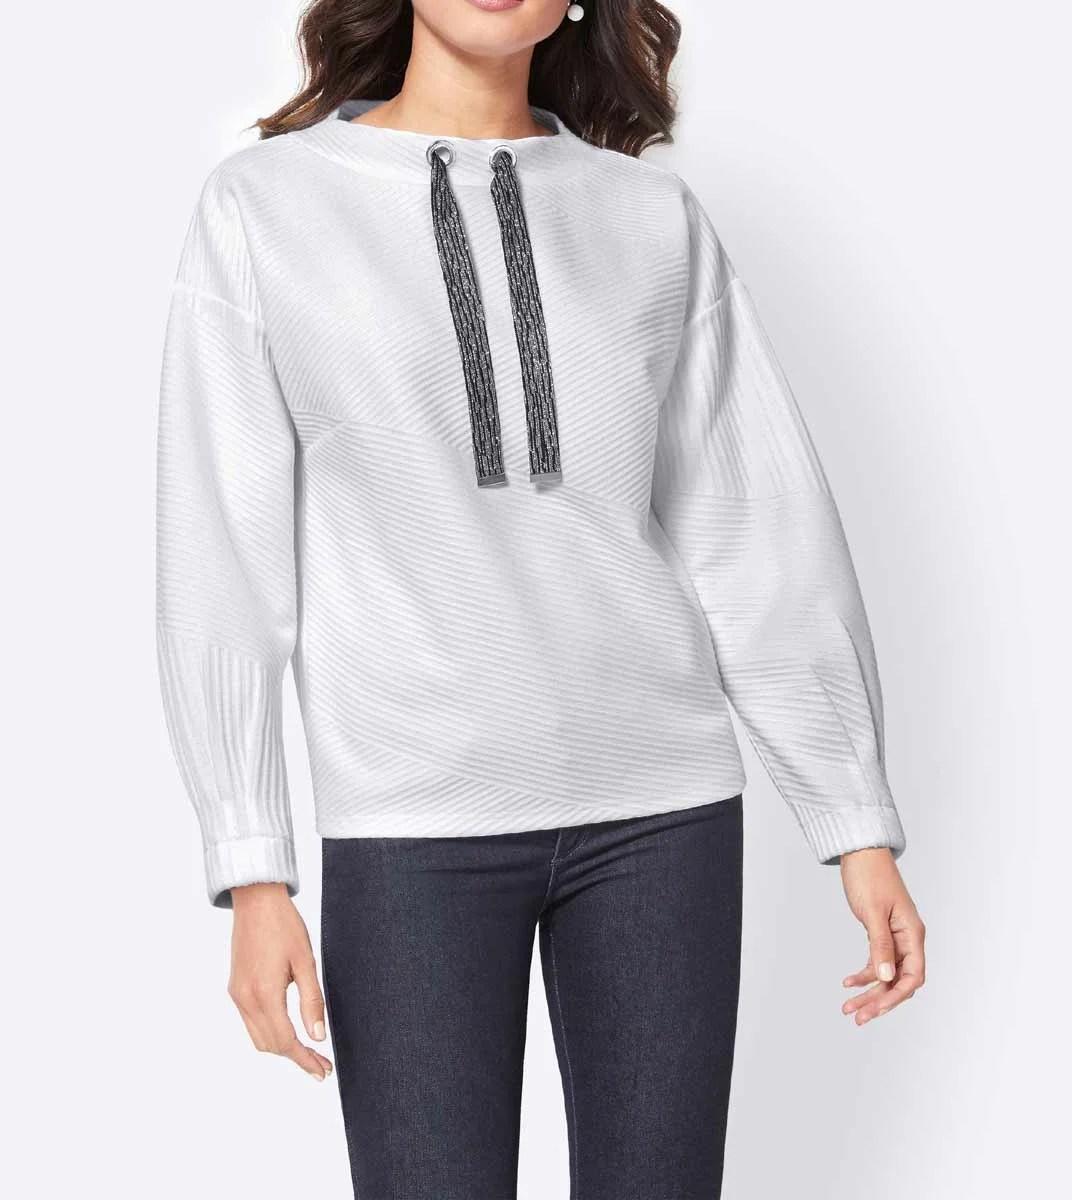 sweatshirts auf rechnung Kuschel-Sweatshirt, weiß von Création L Grösse 44 108.403 MISSFORTY